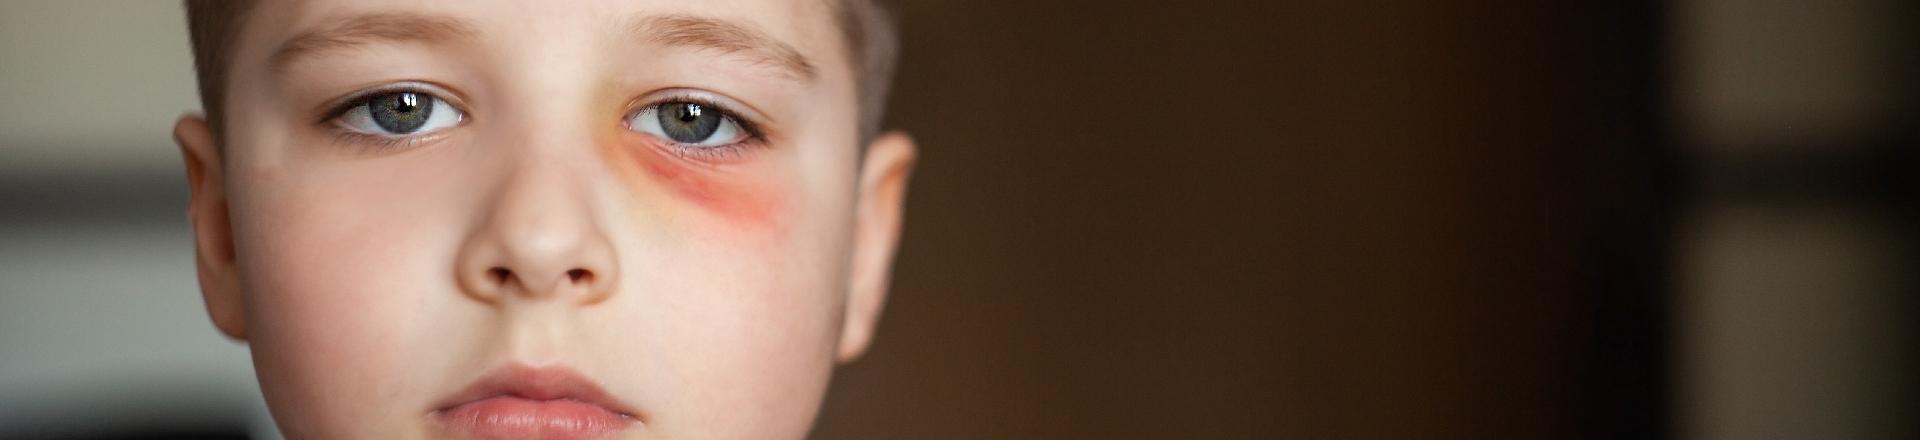 Trauma oprește copilăria. Donate și umple inima unui copil!